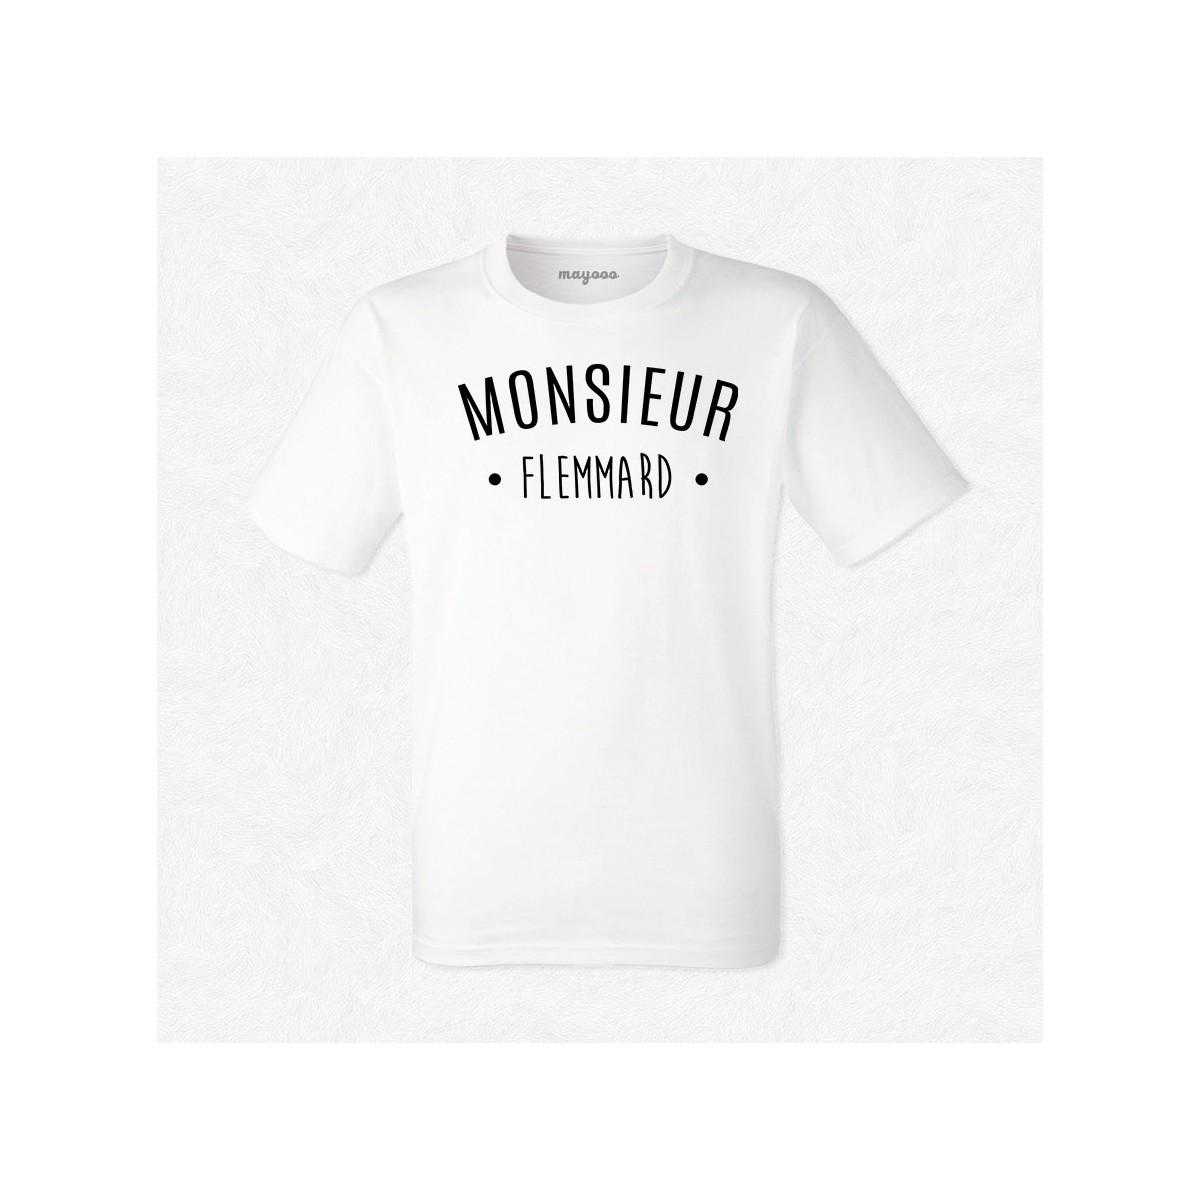 T-shirt Monsieur Flemmard